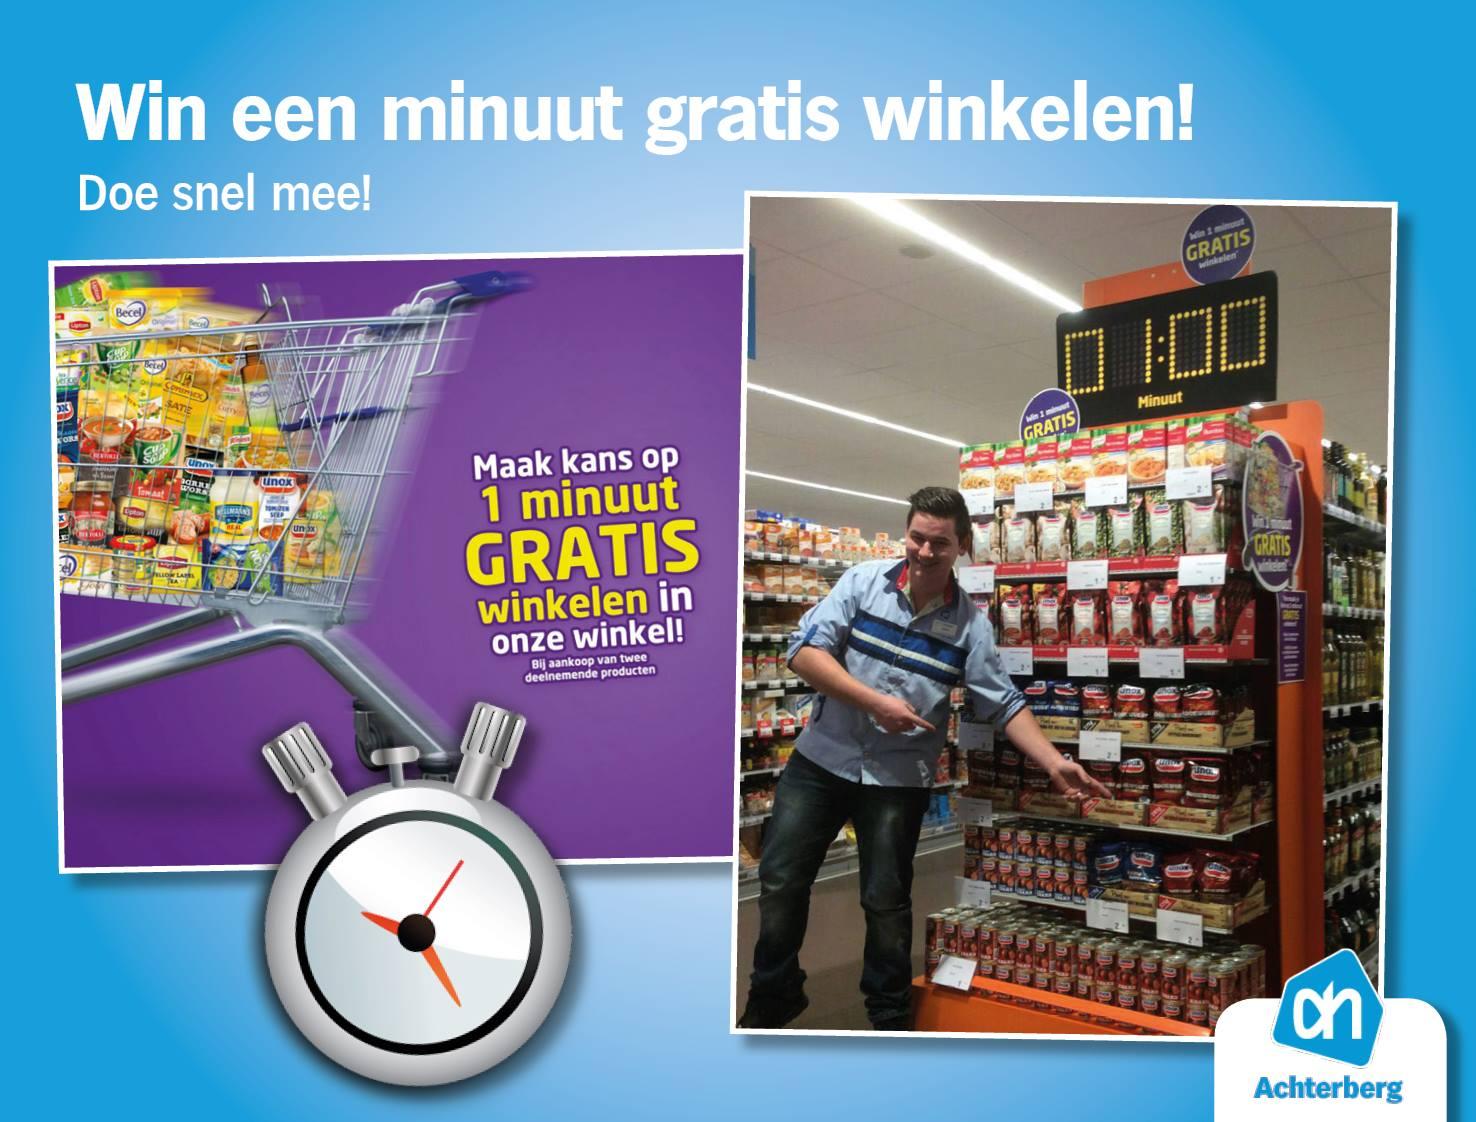 Win een minuut gratis winkelen!